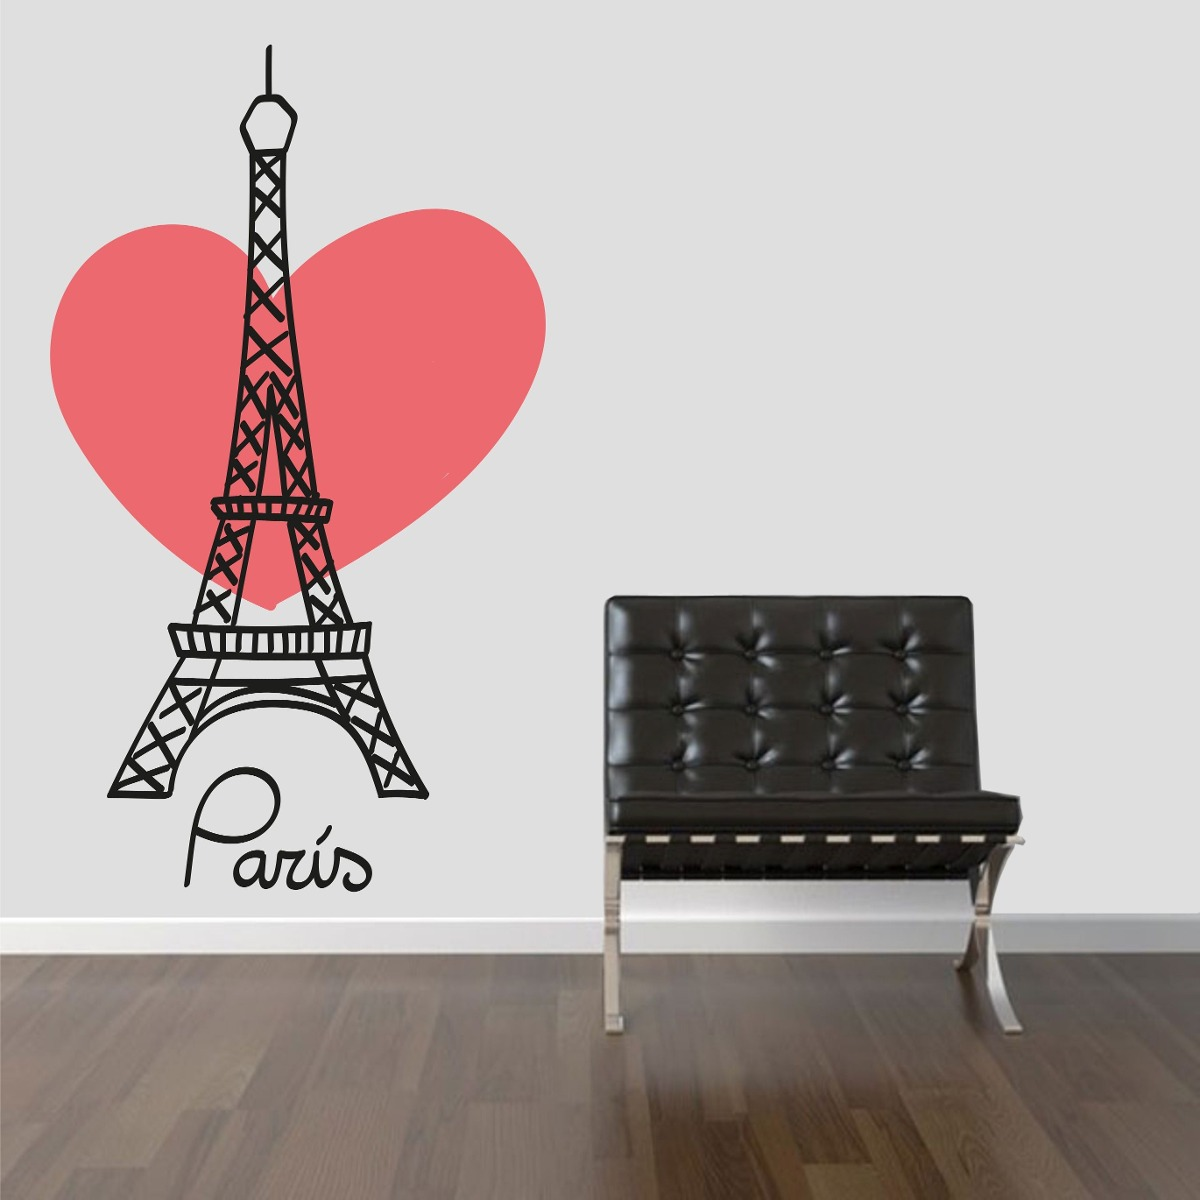 Curso Artesanato Goiania ~ Adesivo Parede Viagem País França Cidade Paris Torre Eiffel R$ 29,99 em Mercado Livre